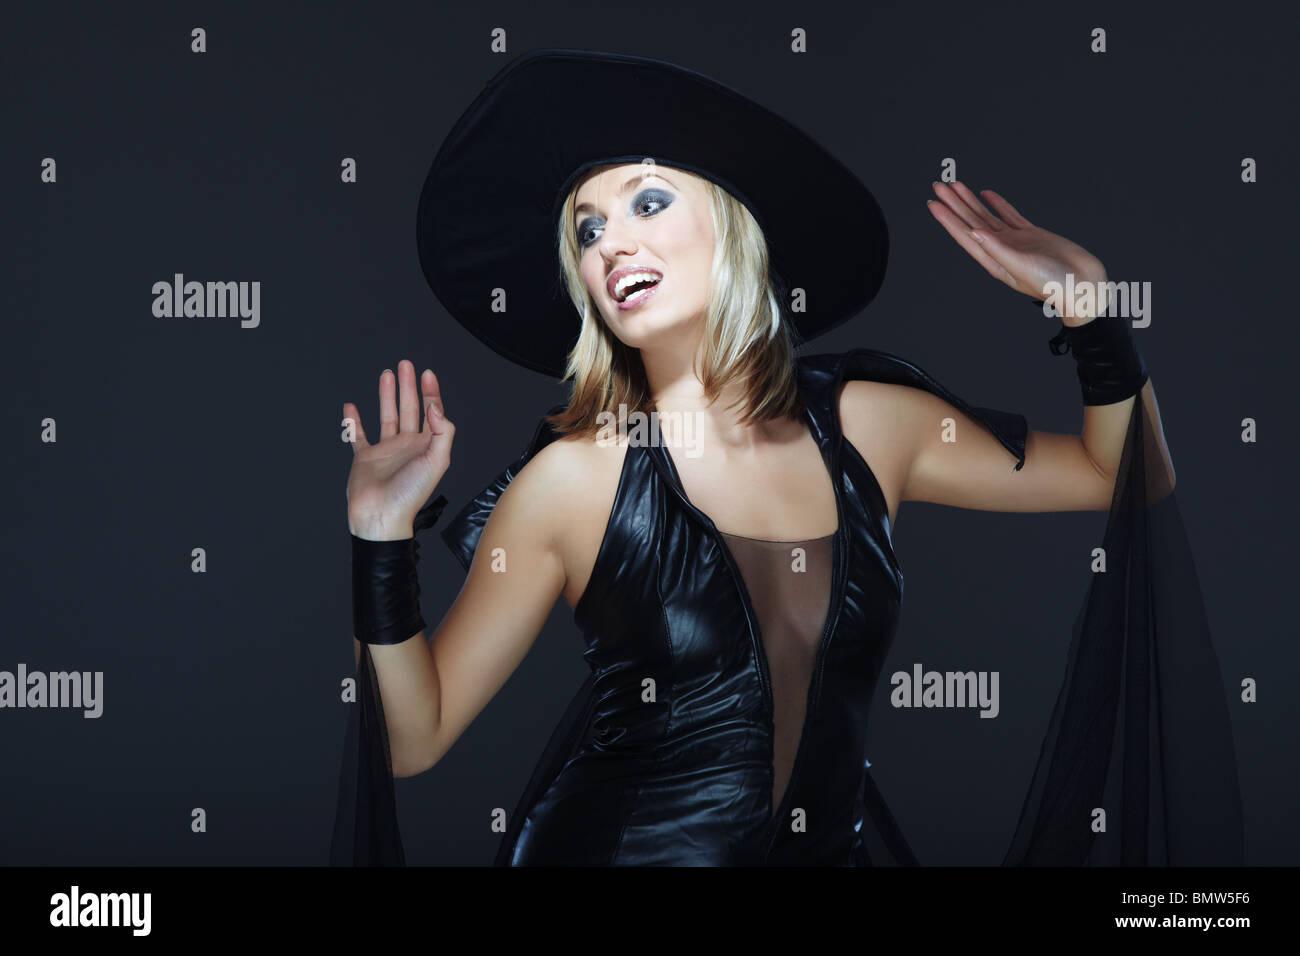 Signora sorridente nel Halloween costume strega su sfondo scuro Immagini Stock